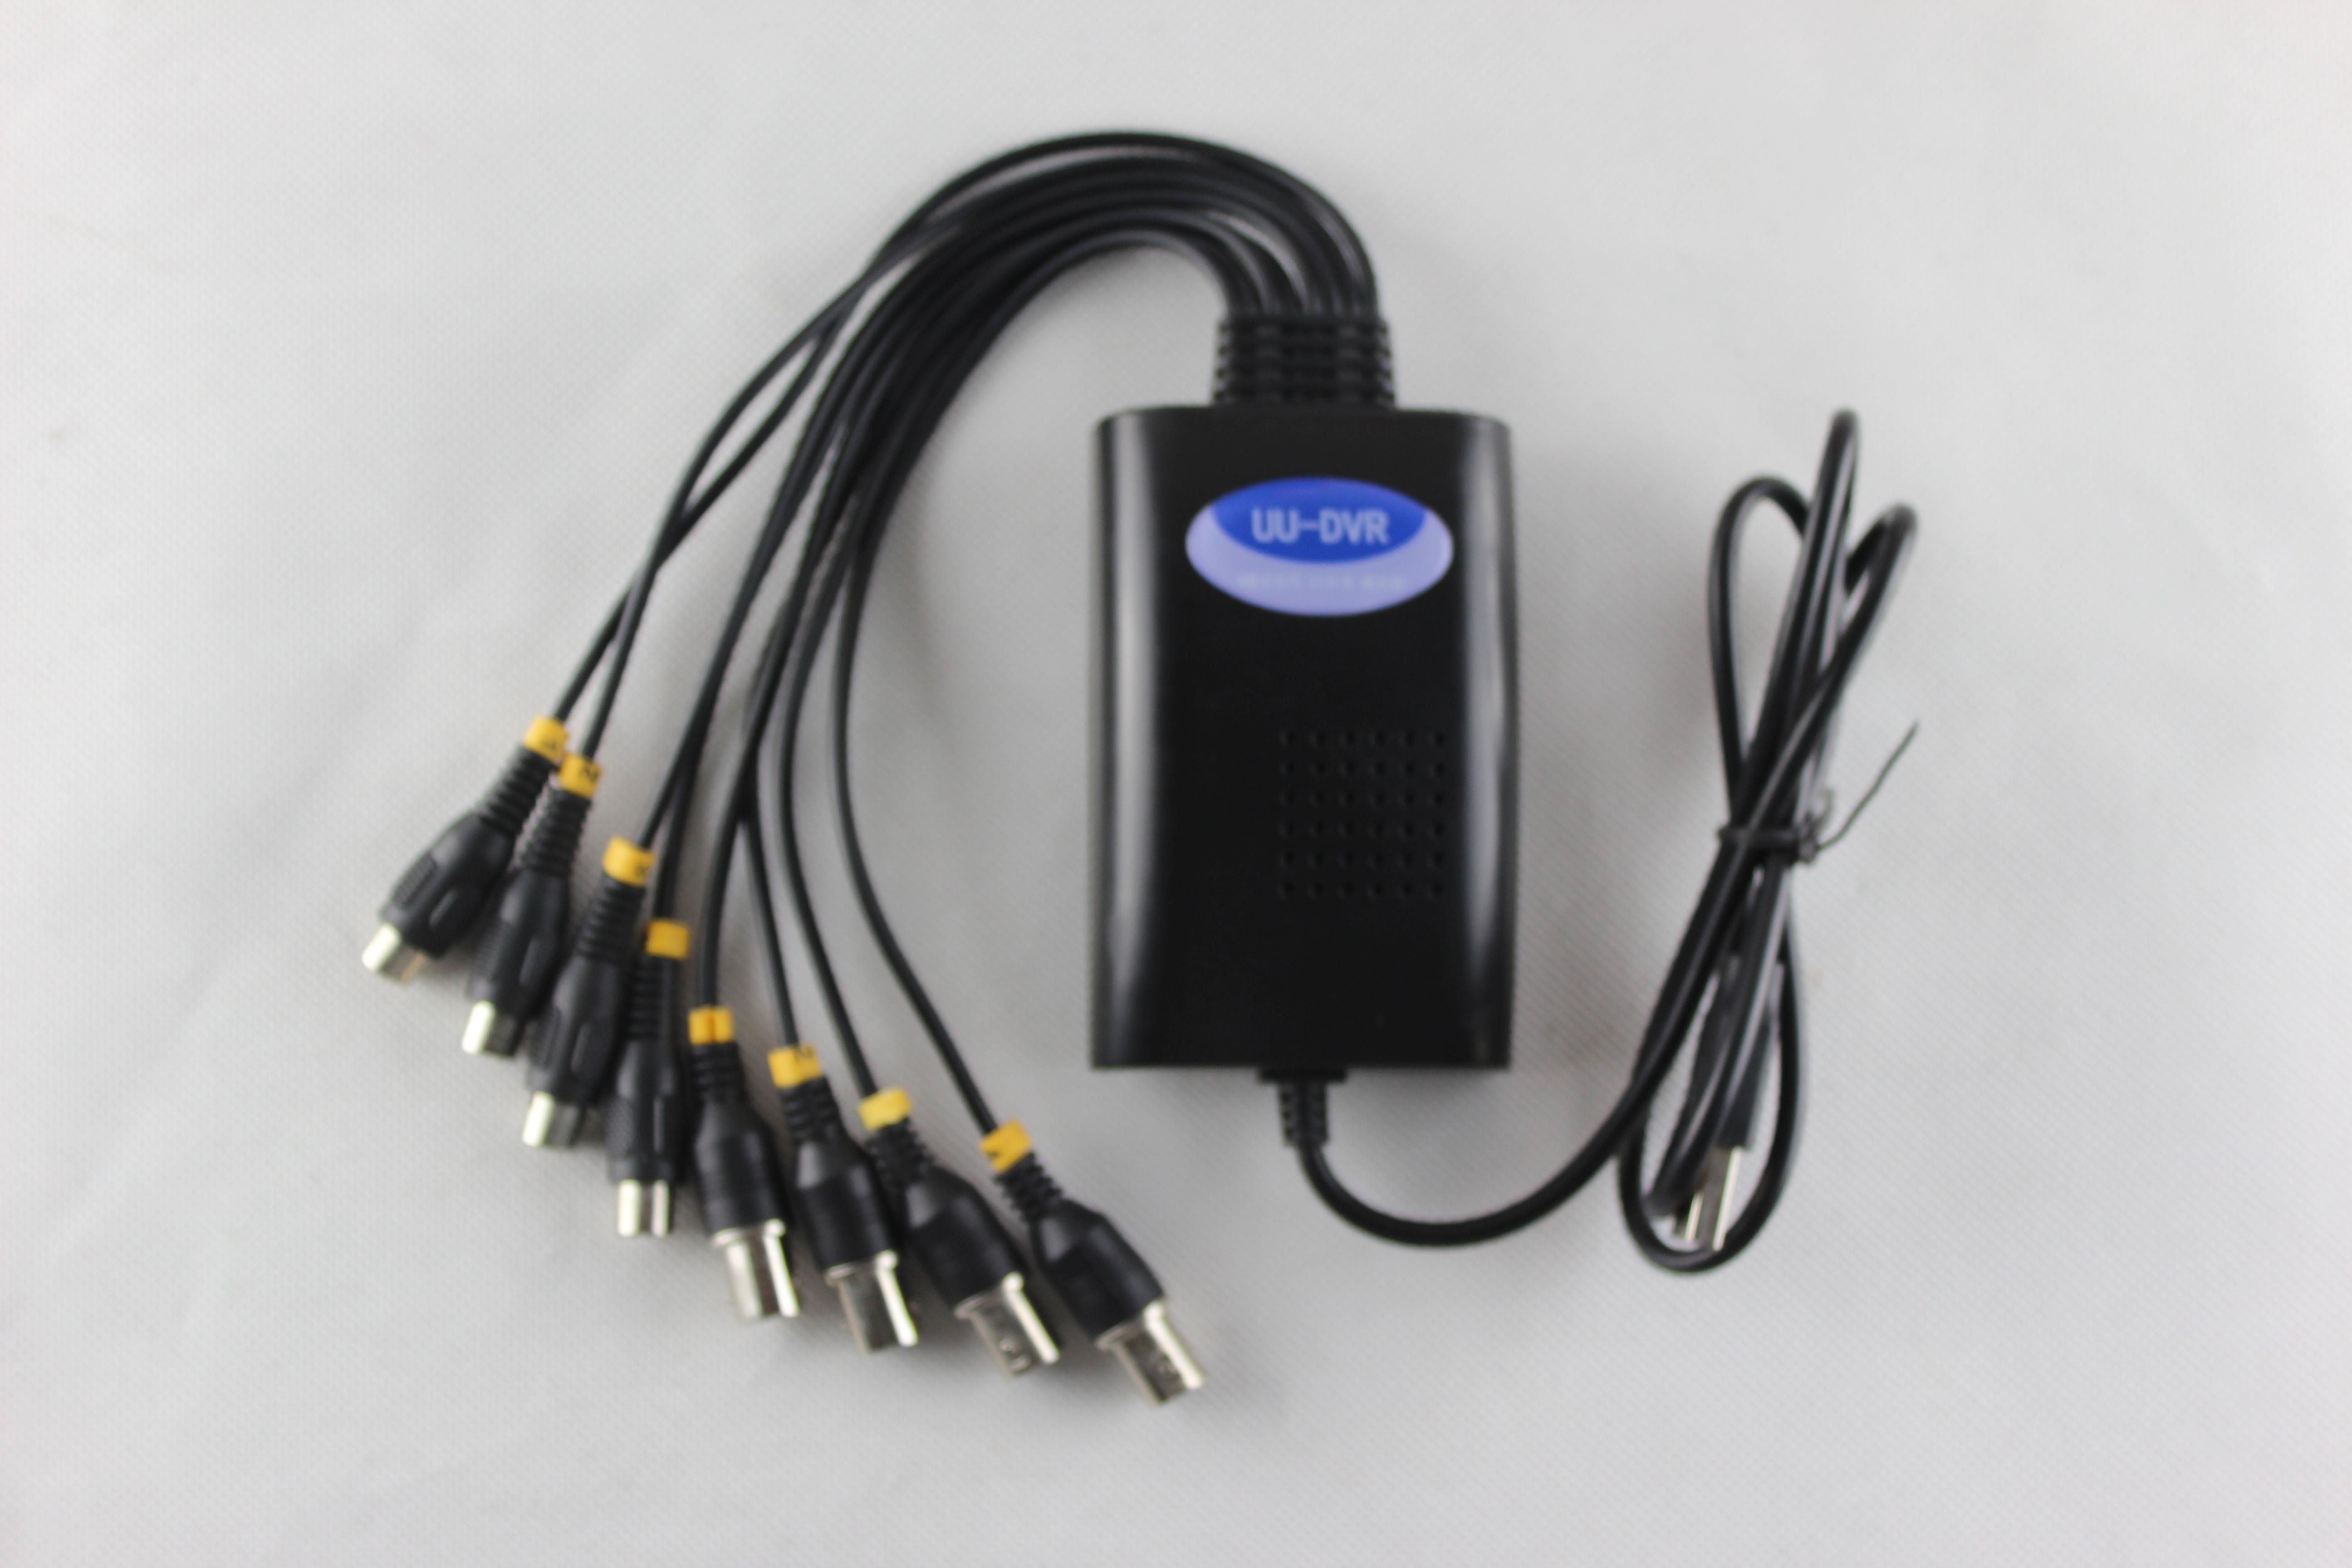 USB AHD 720P 4路 采集卡 智能快递柜视频监控